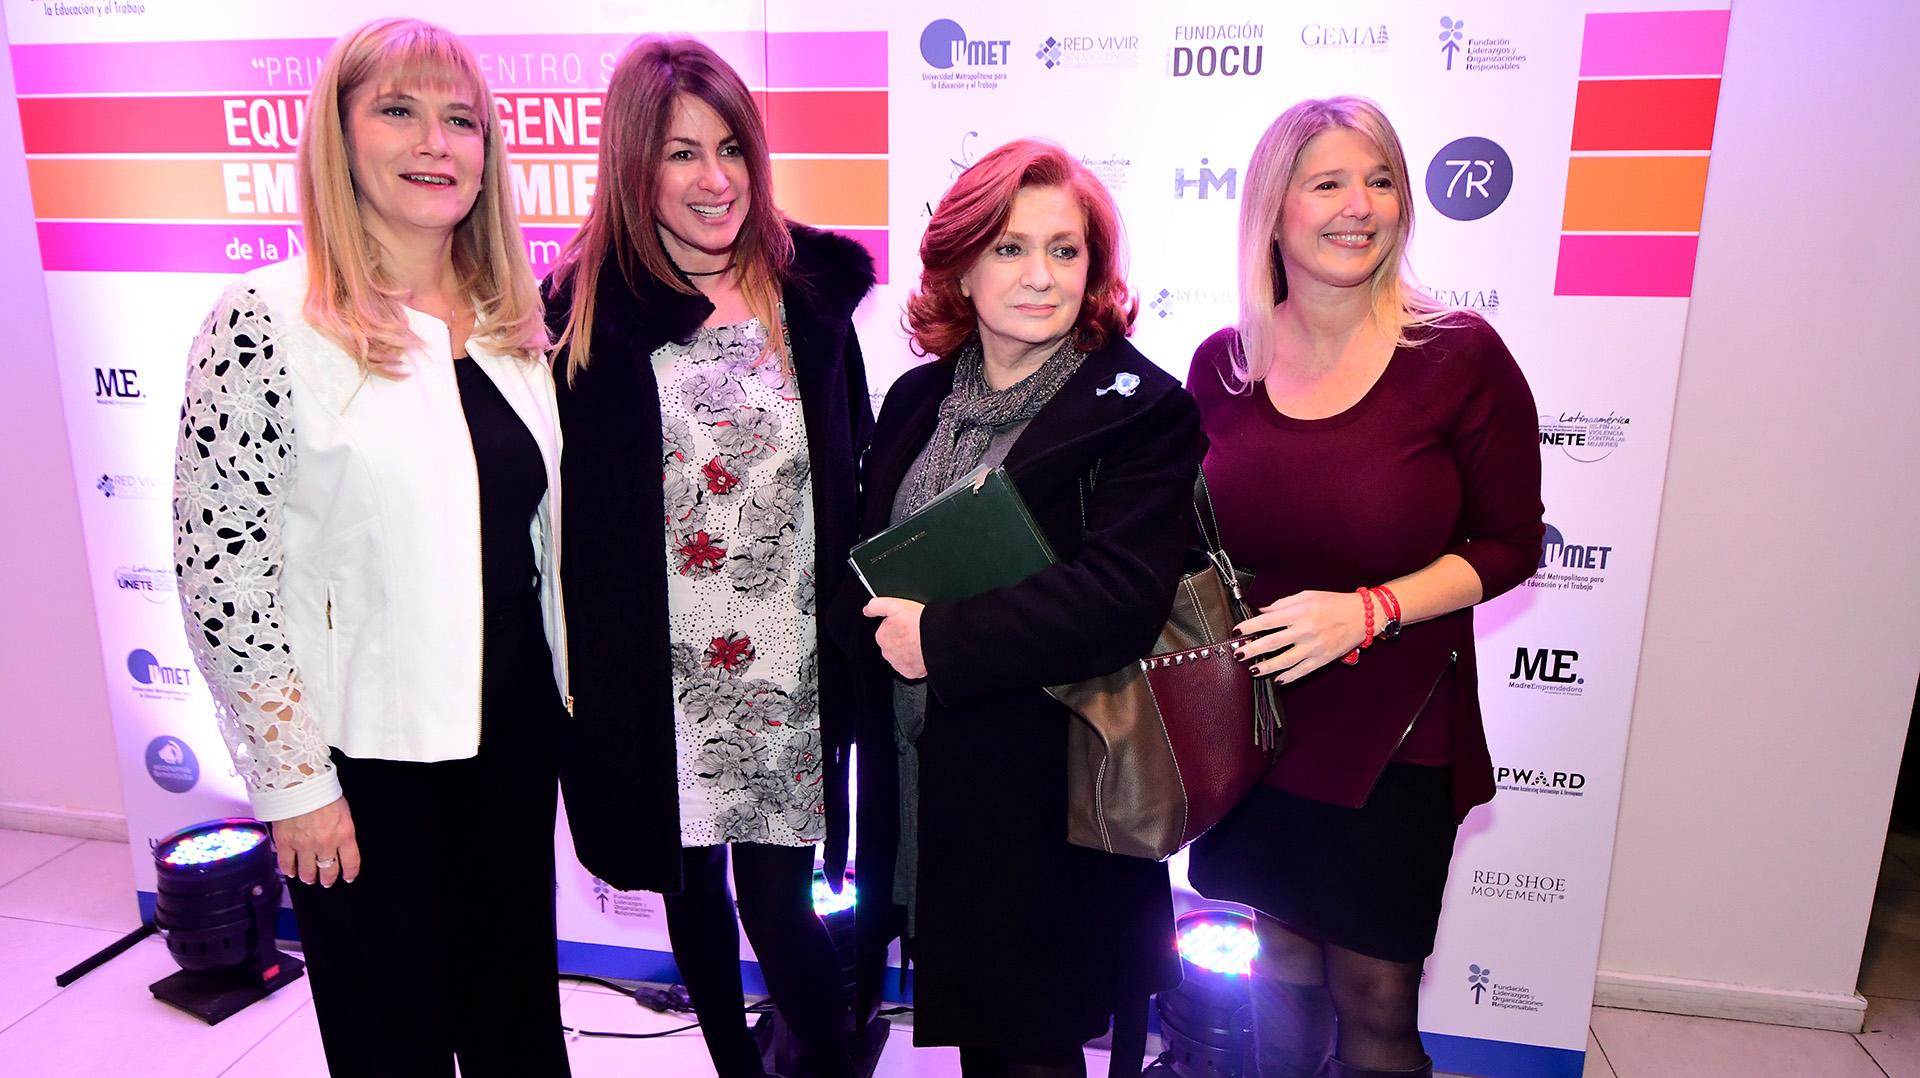 Verónica Magario, Andrea Campbell, Teresa González Fernández, Cristina Álvarez Rodríguez